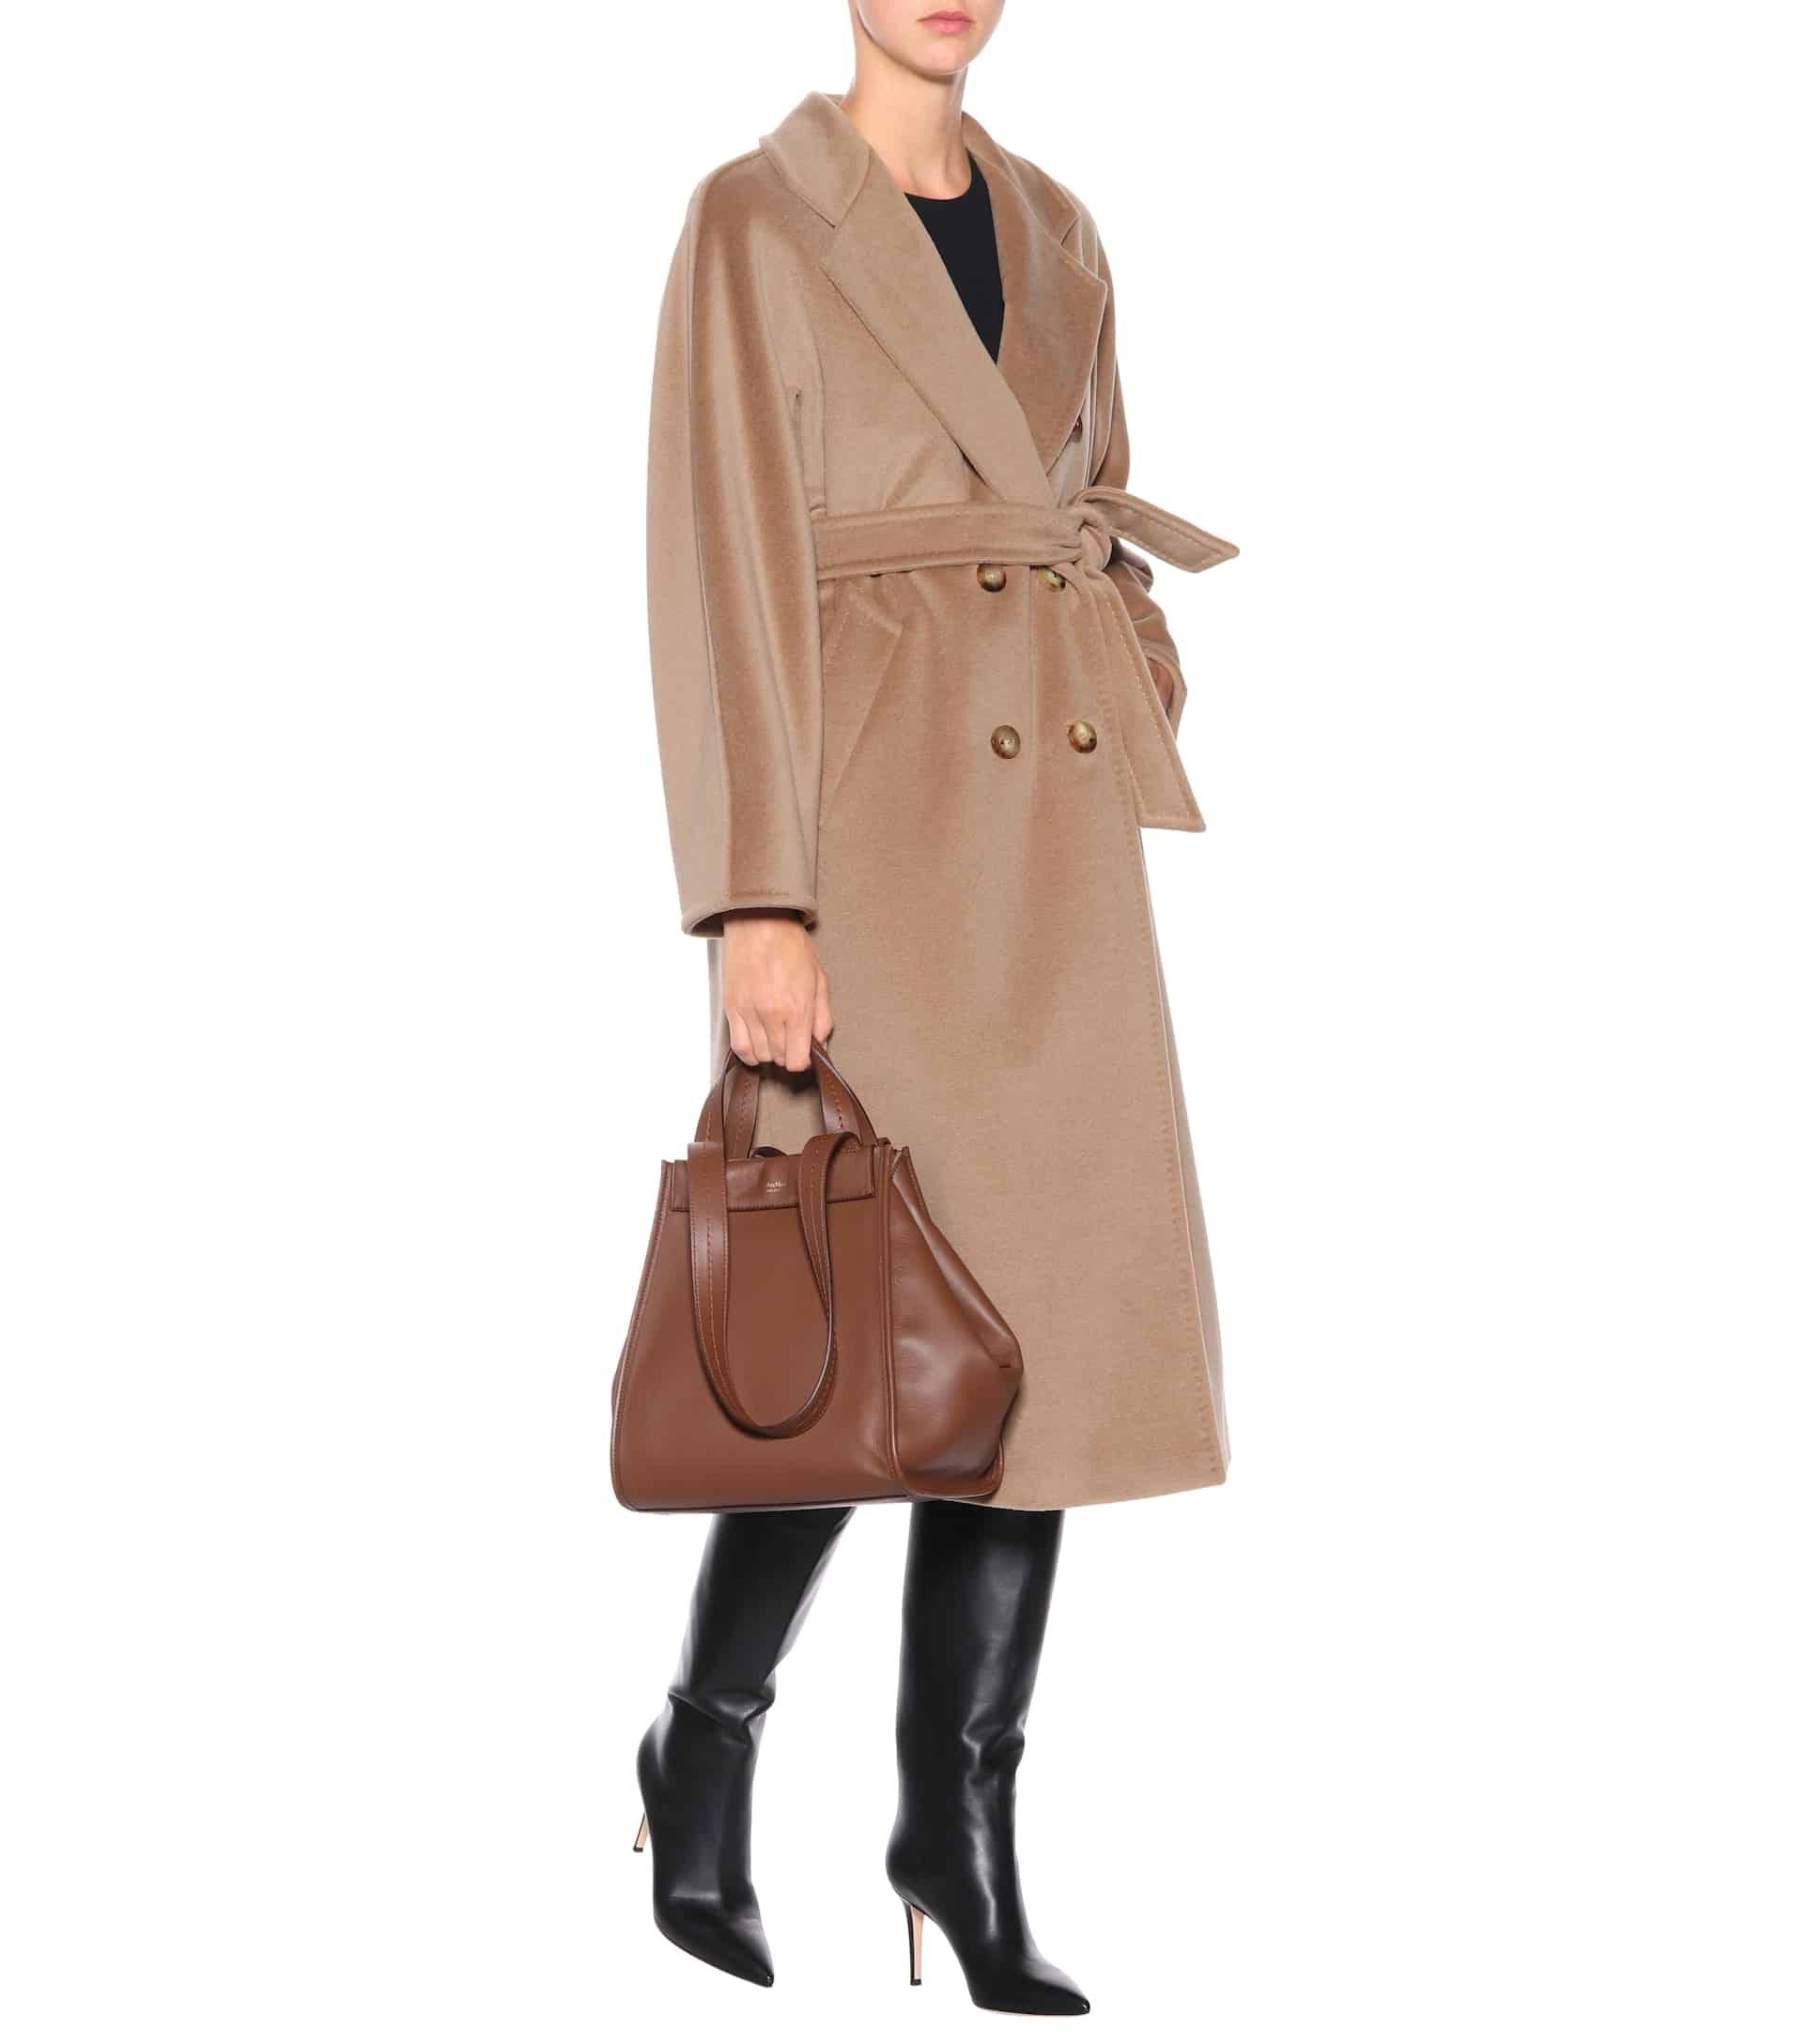 mantel trends max mara